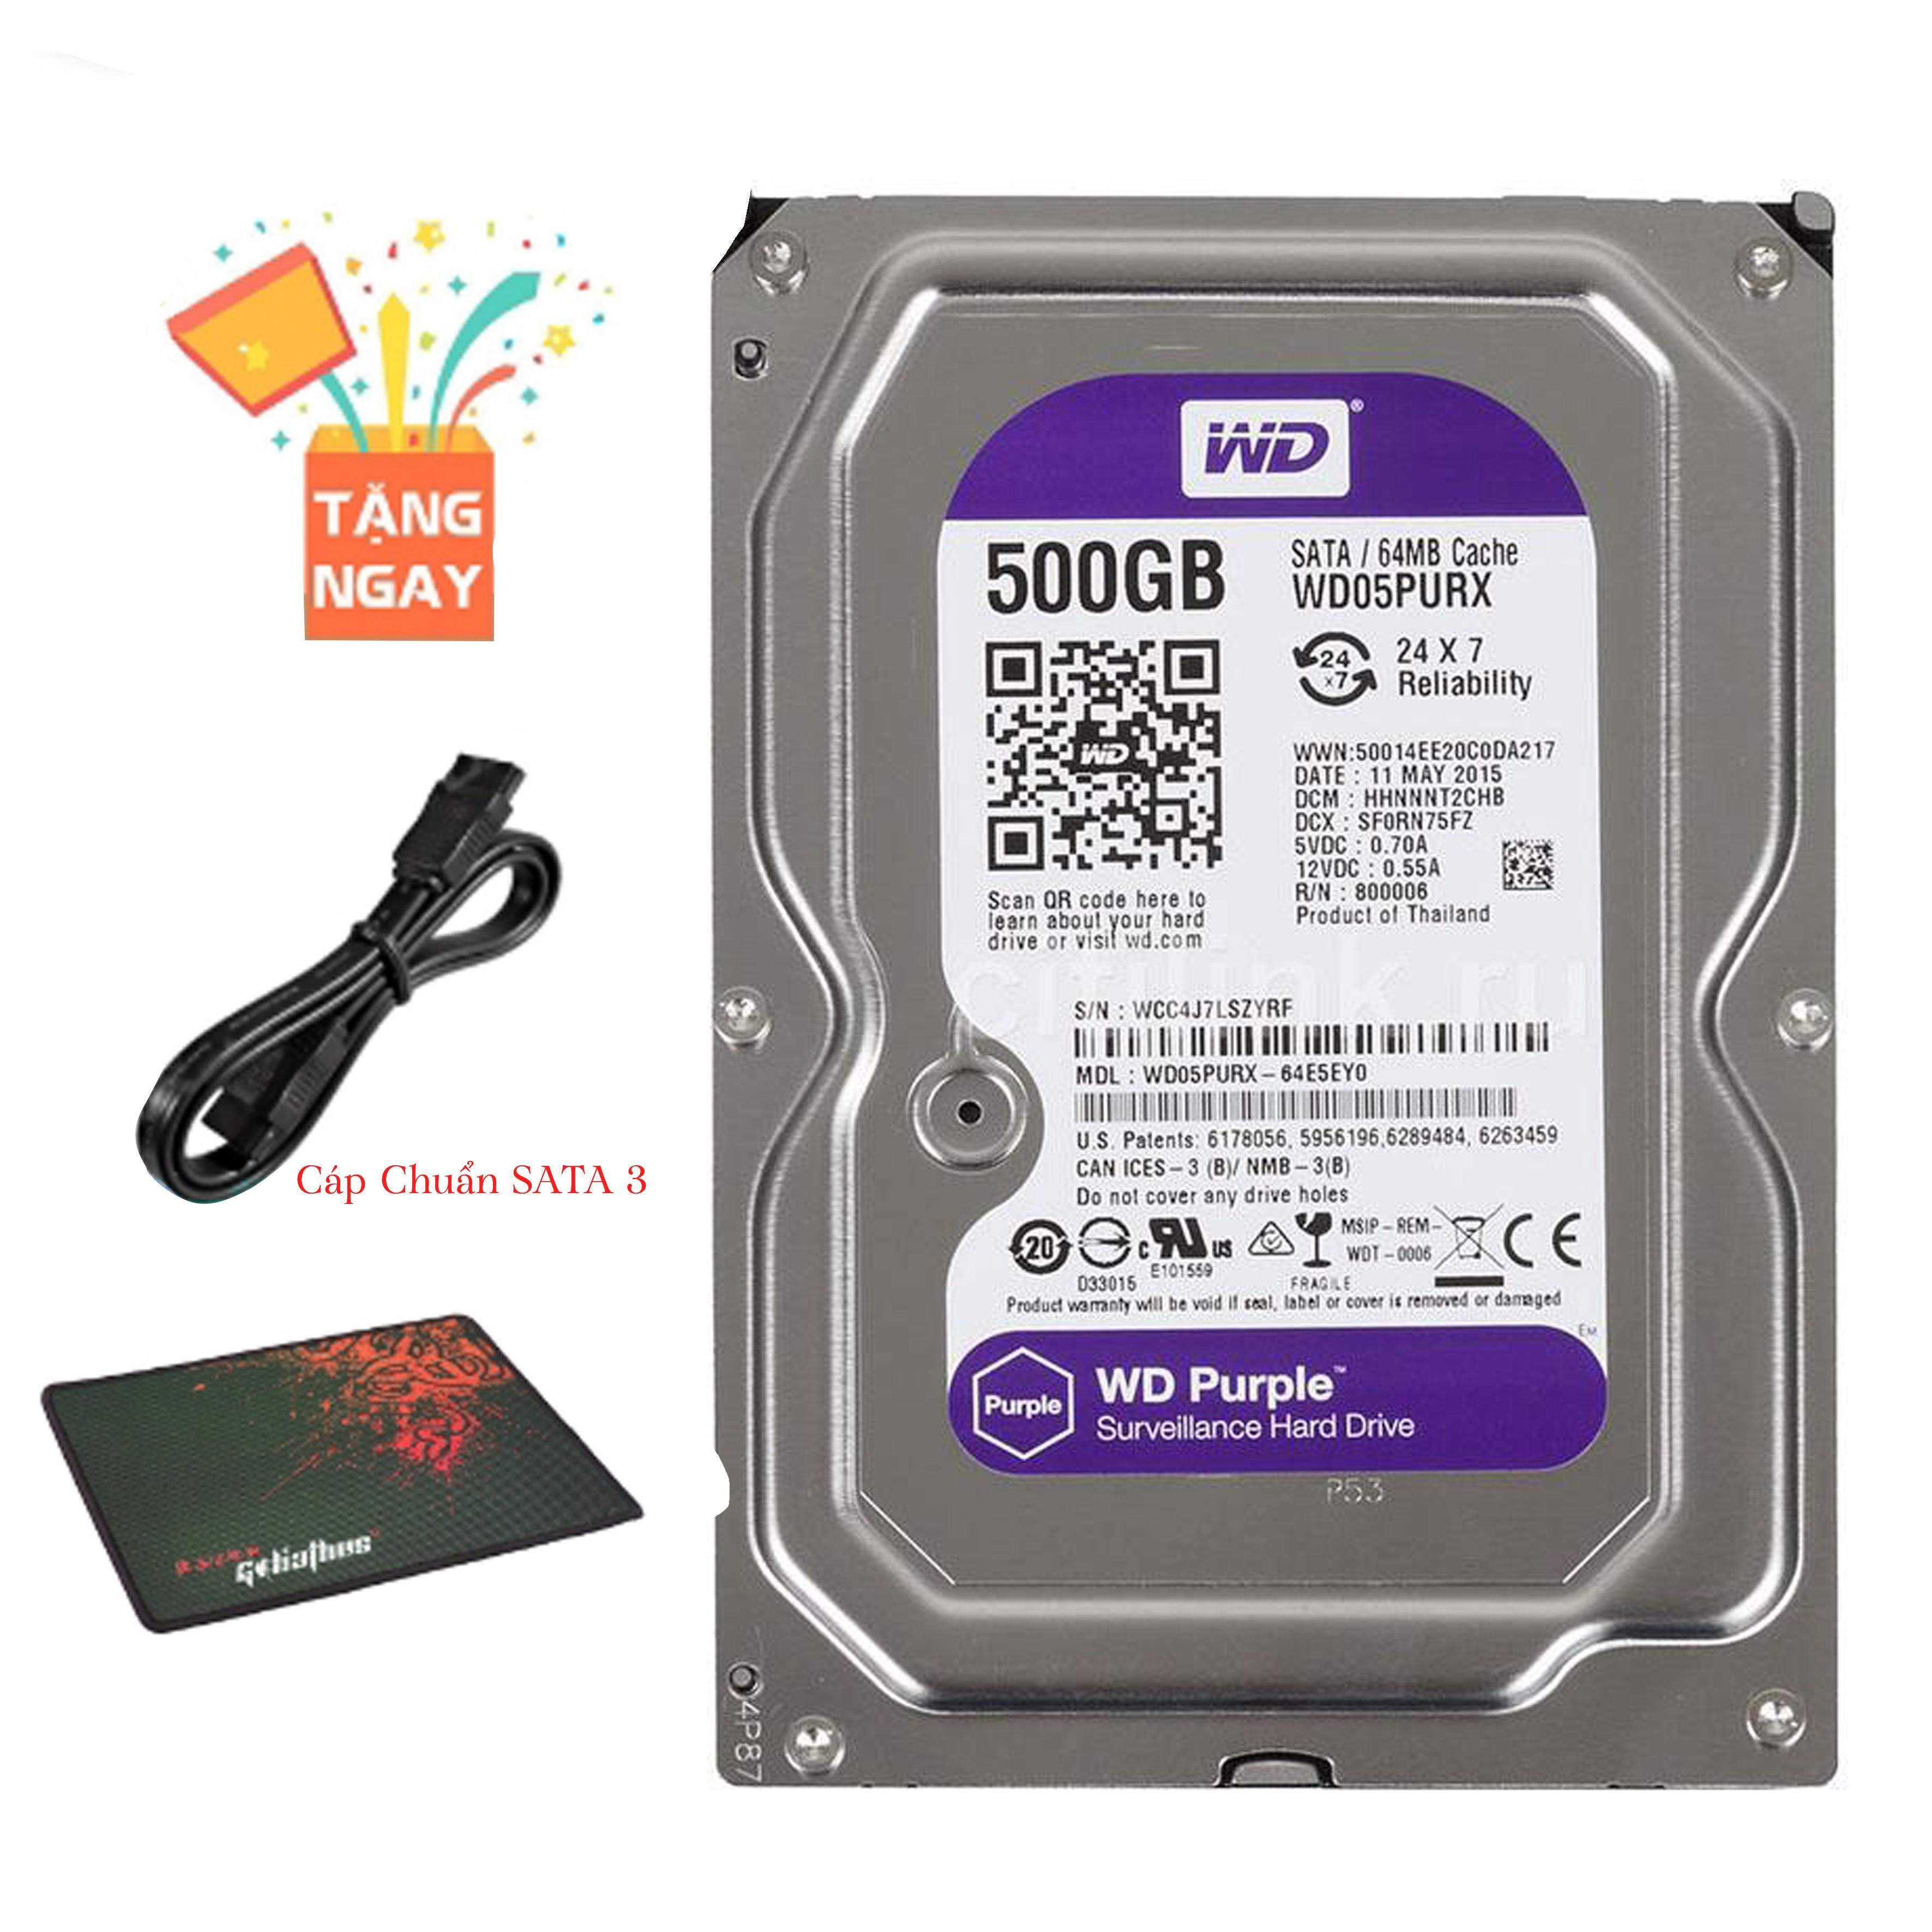 Ổ Cứng Gắn Trong  Western Digital Purple 500GB Cho Camera Siêu Khuyến Mại